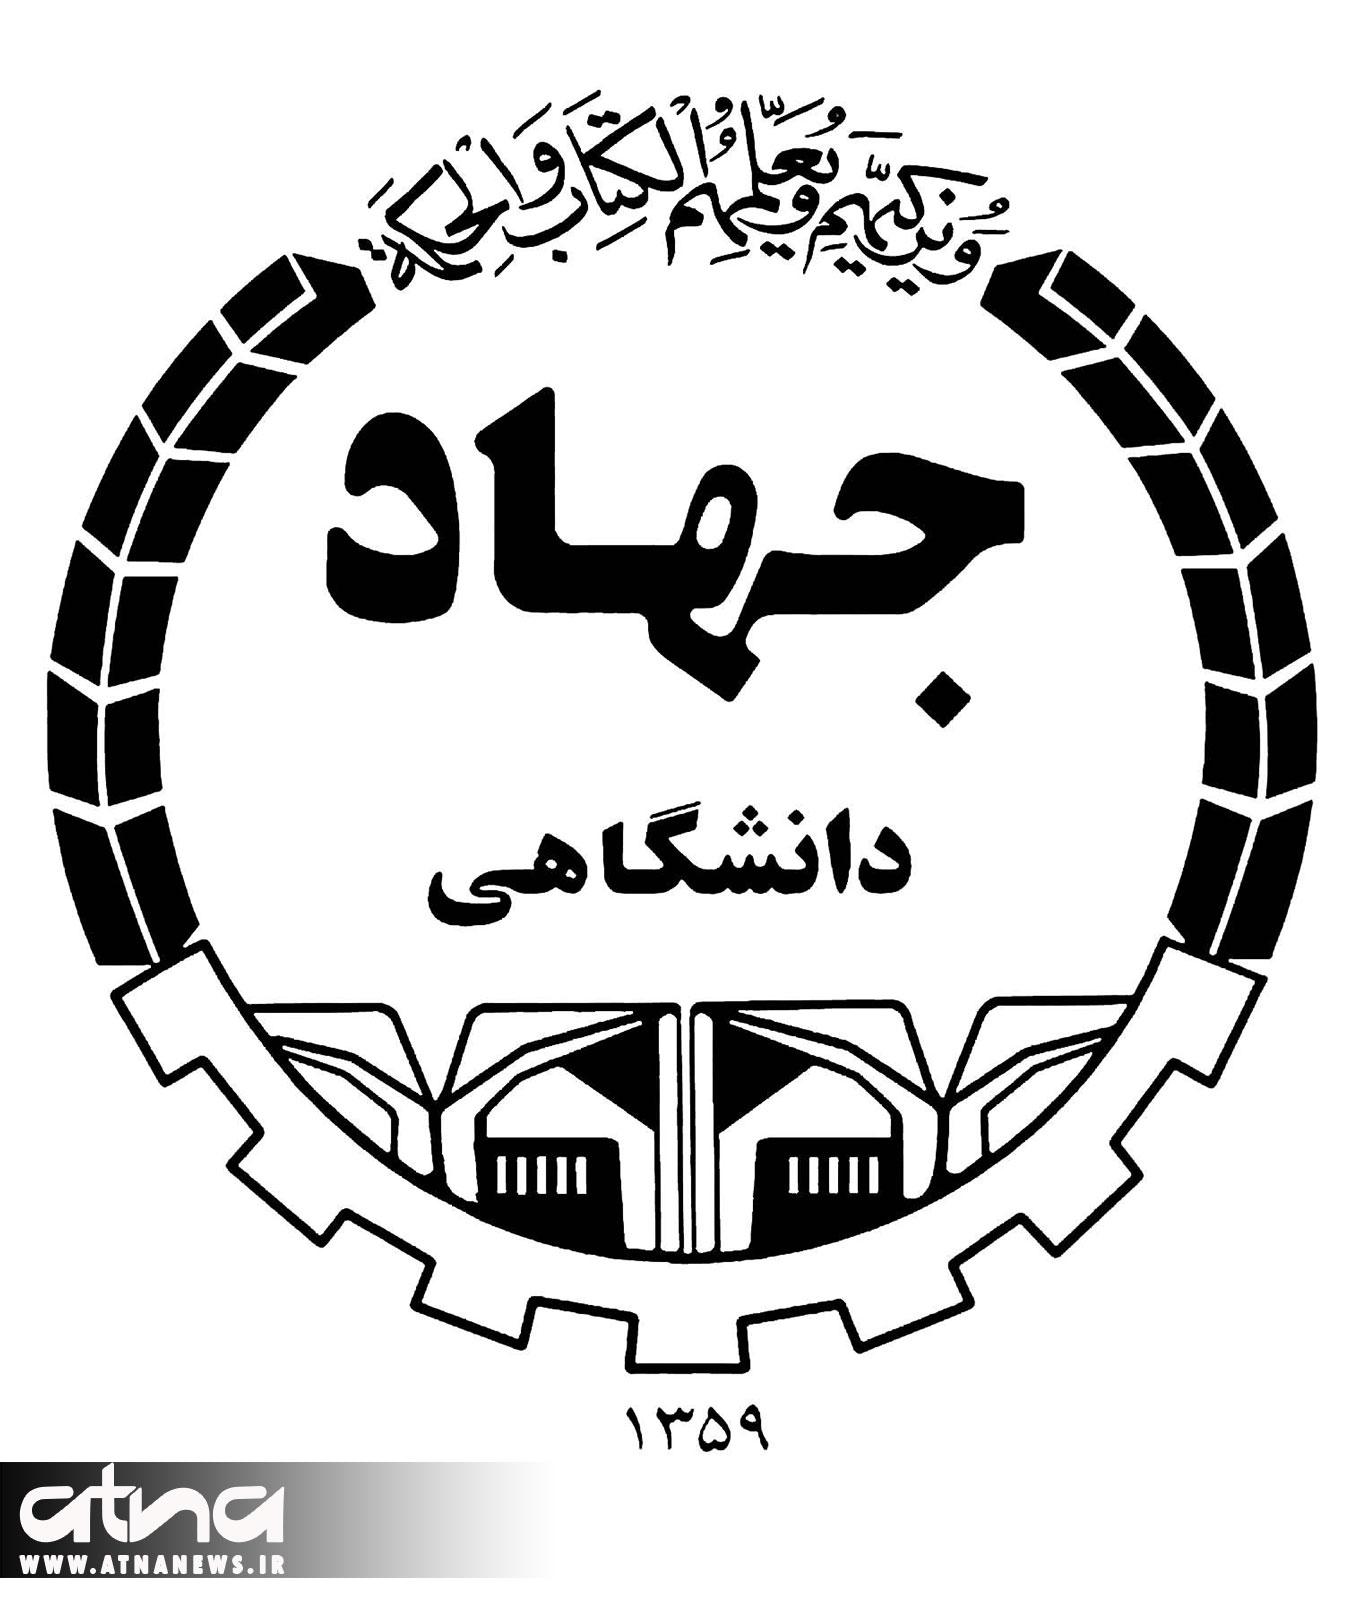 رئیس سازمان دانشجویان جهاد دانشگاهی منصوب شد